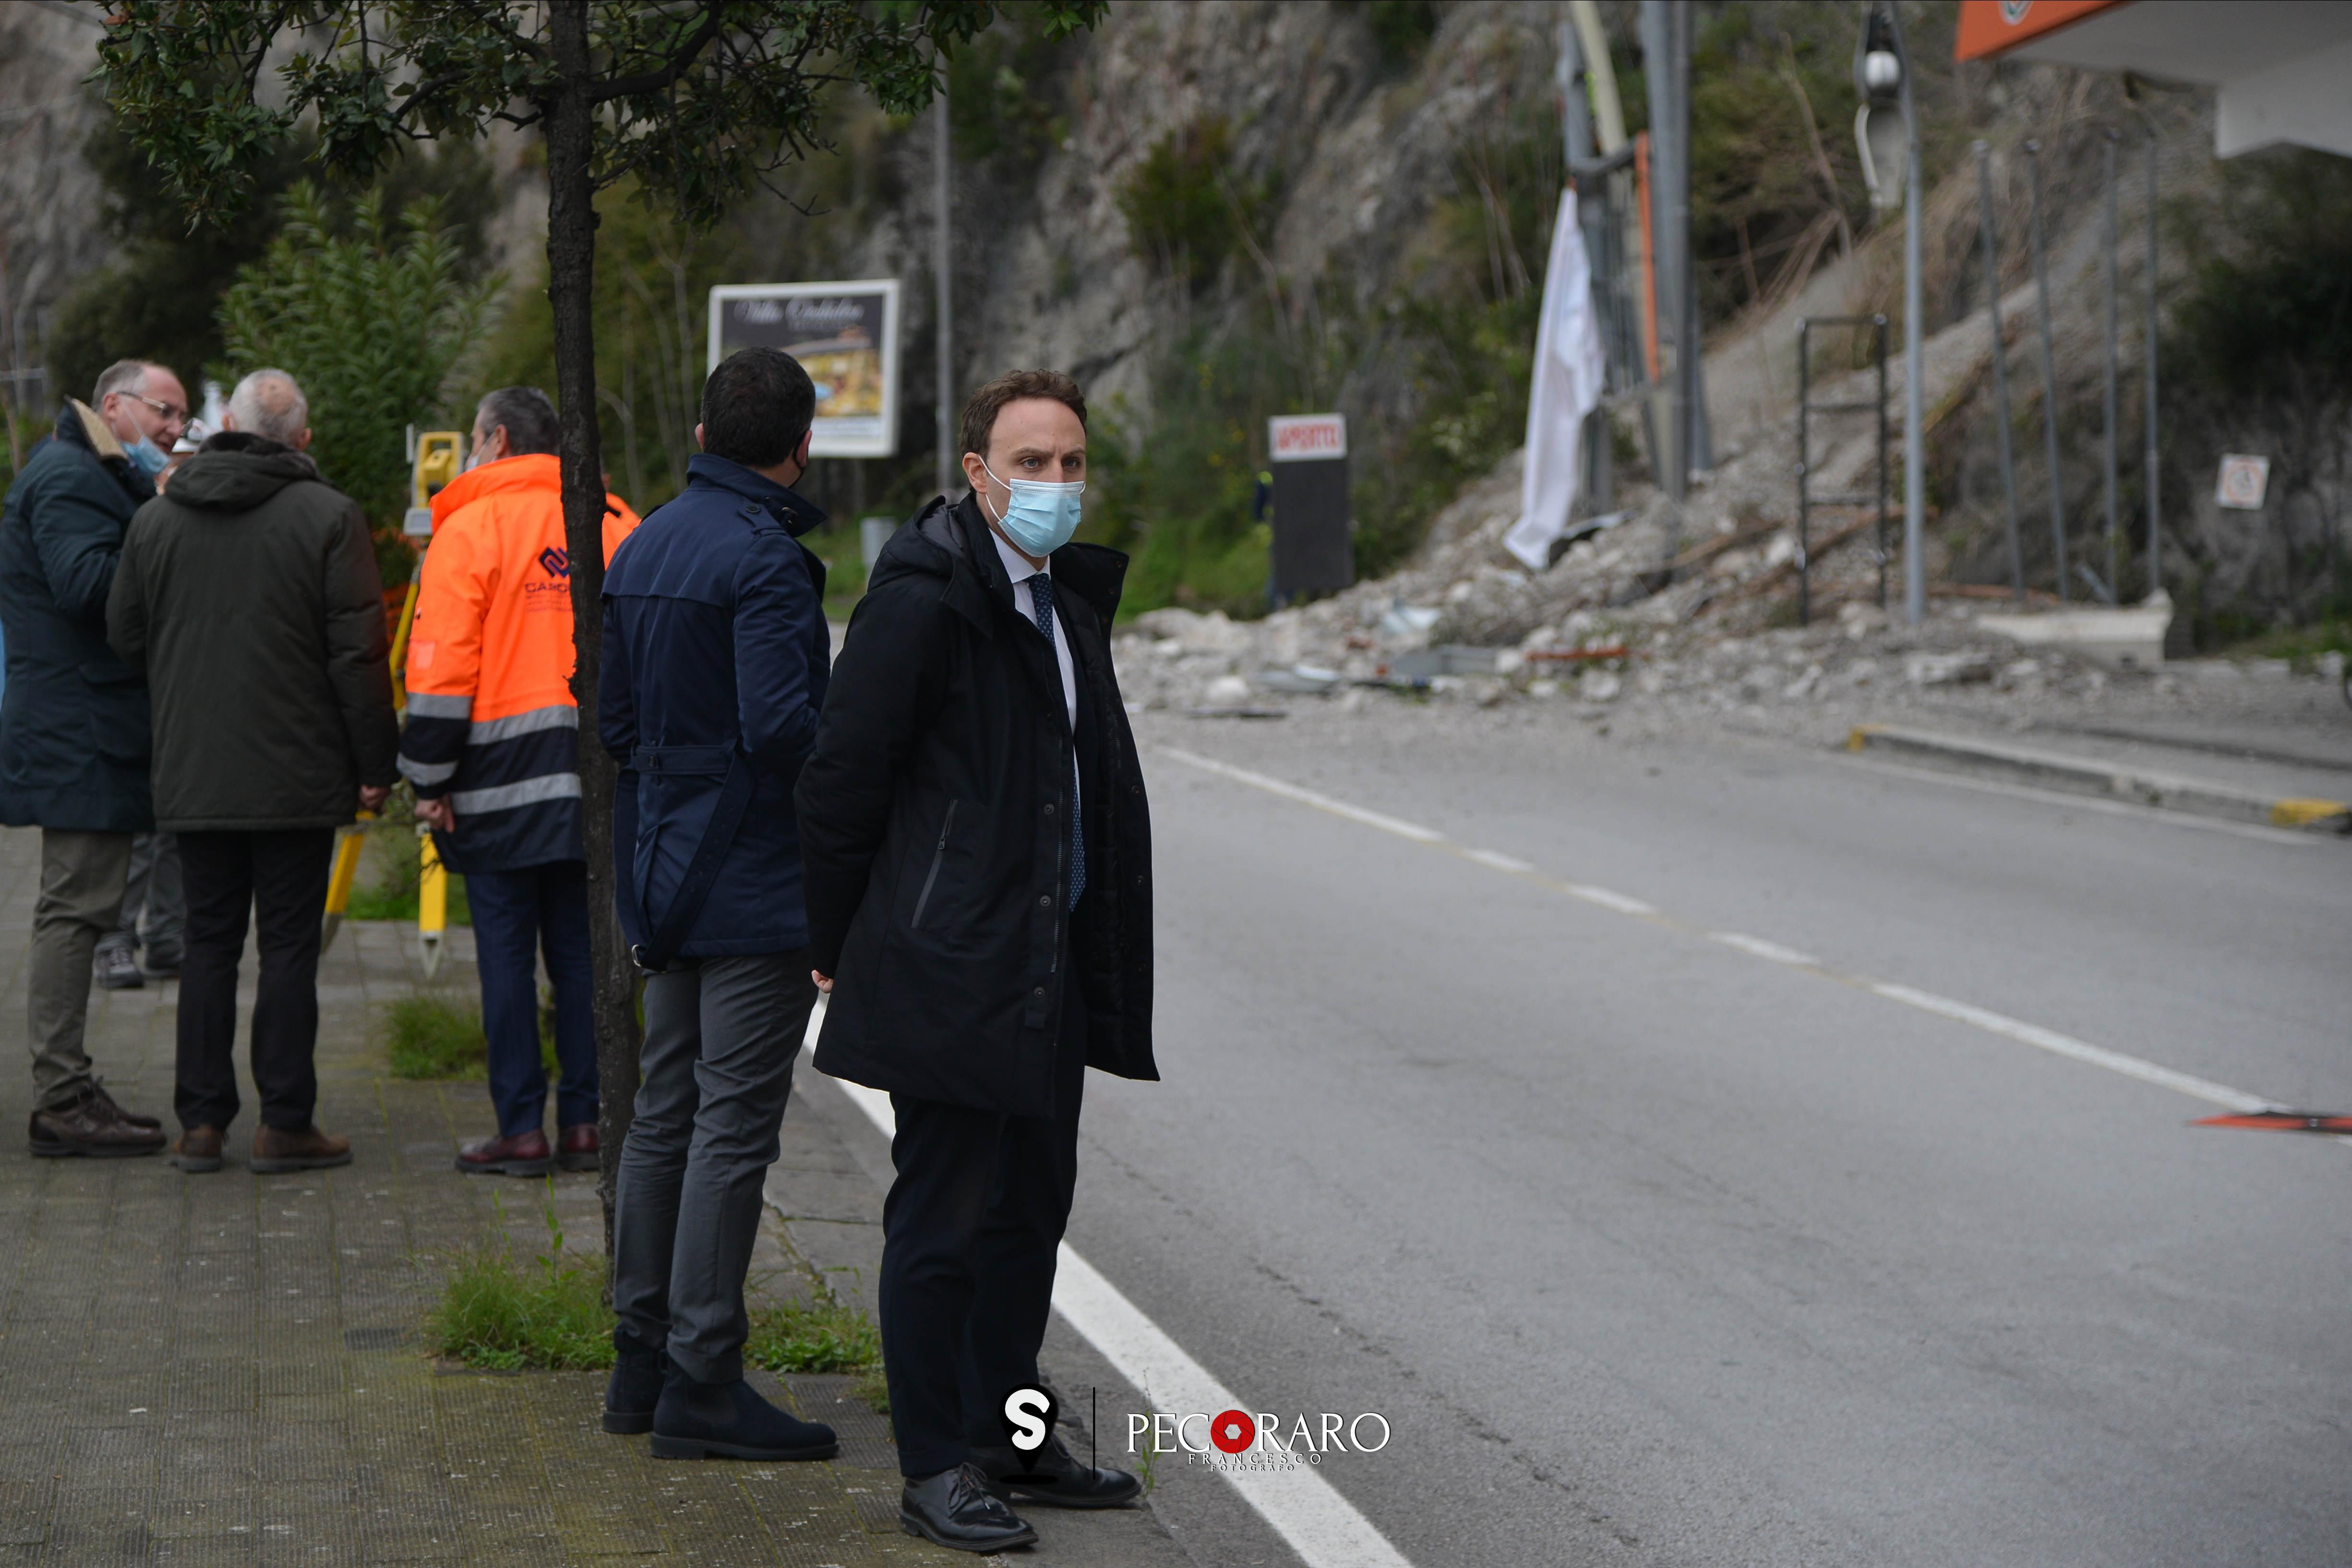 12 02 2021 Sopralluogo frana costone in via Benedetto Croce